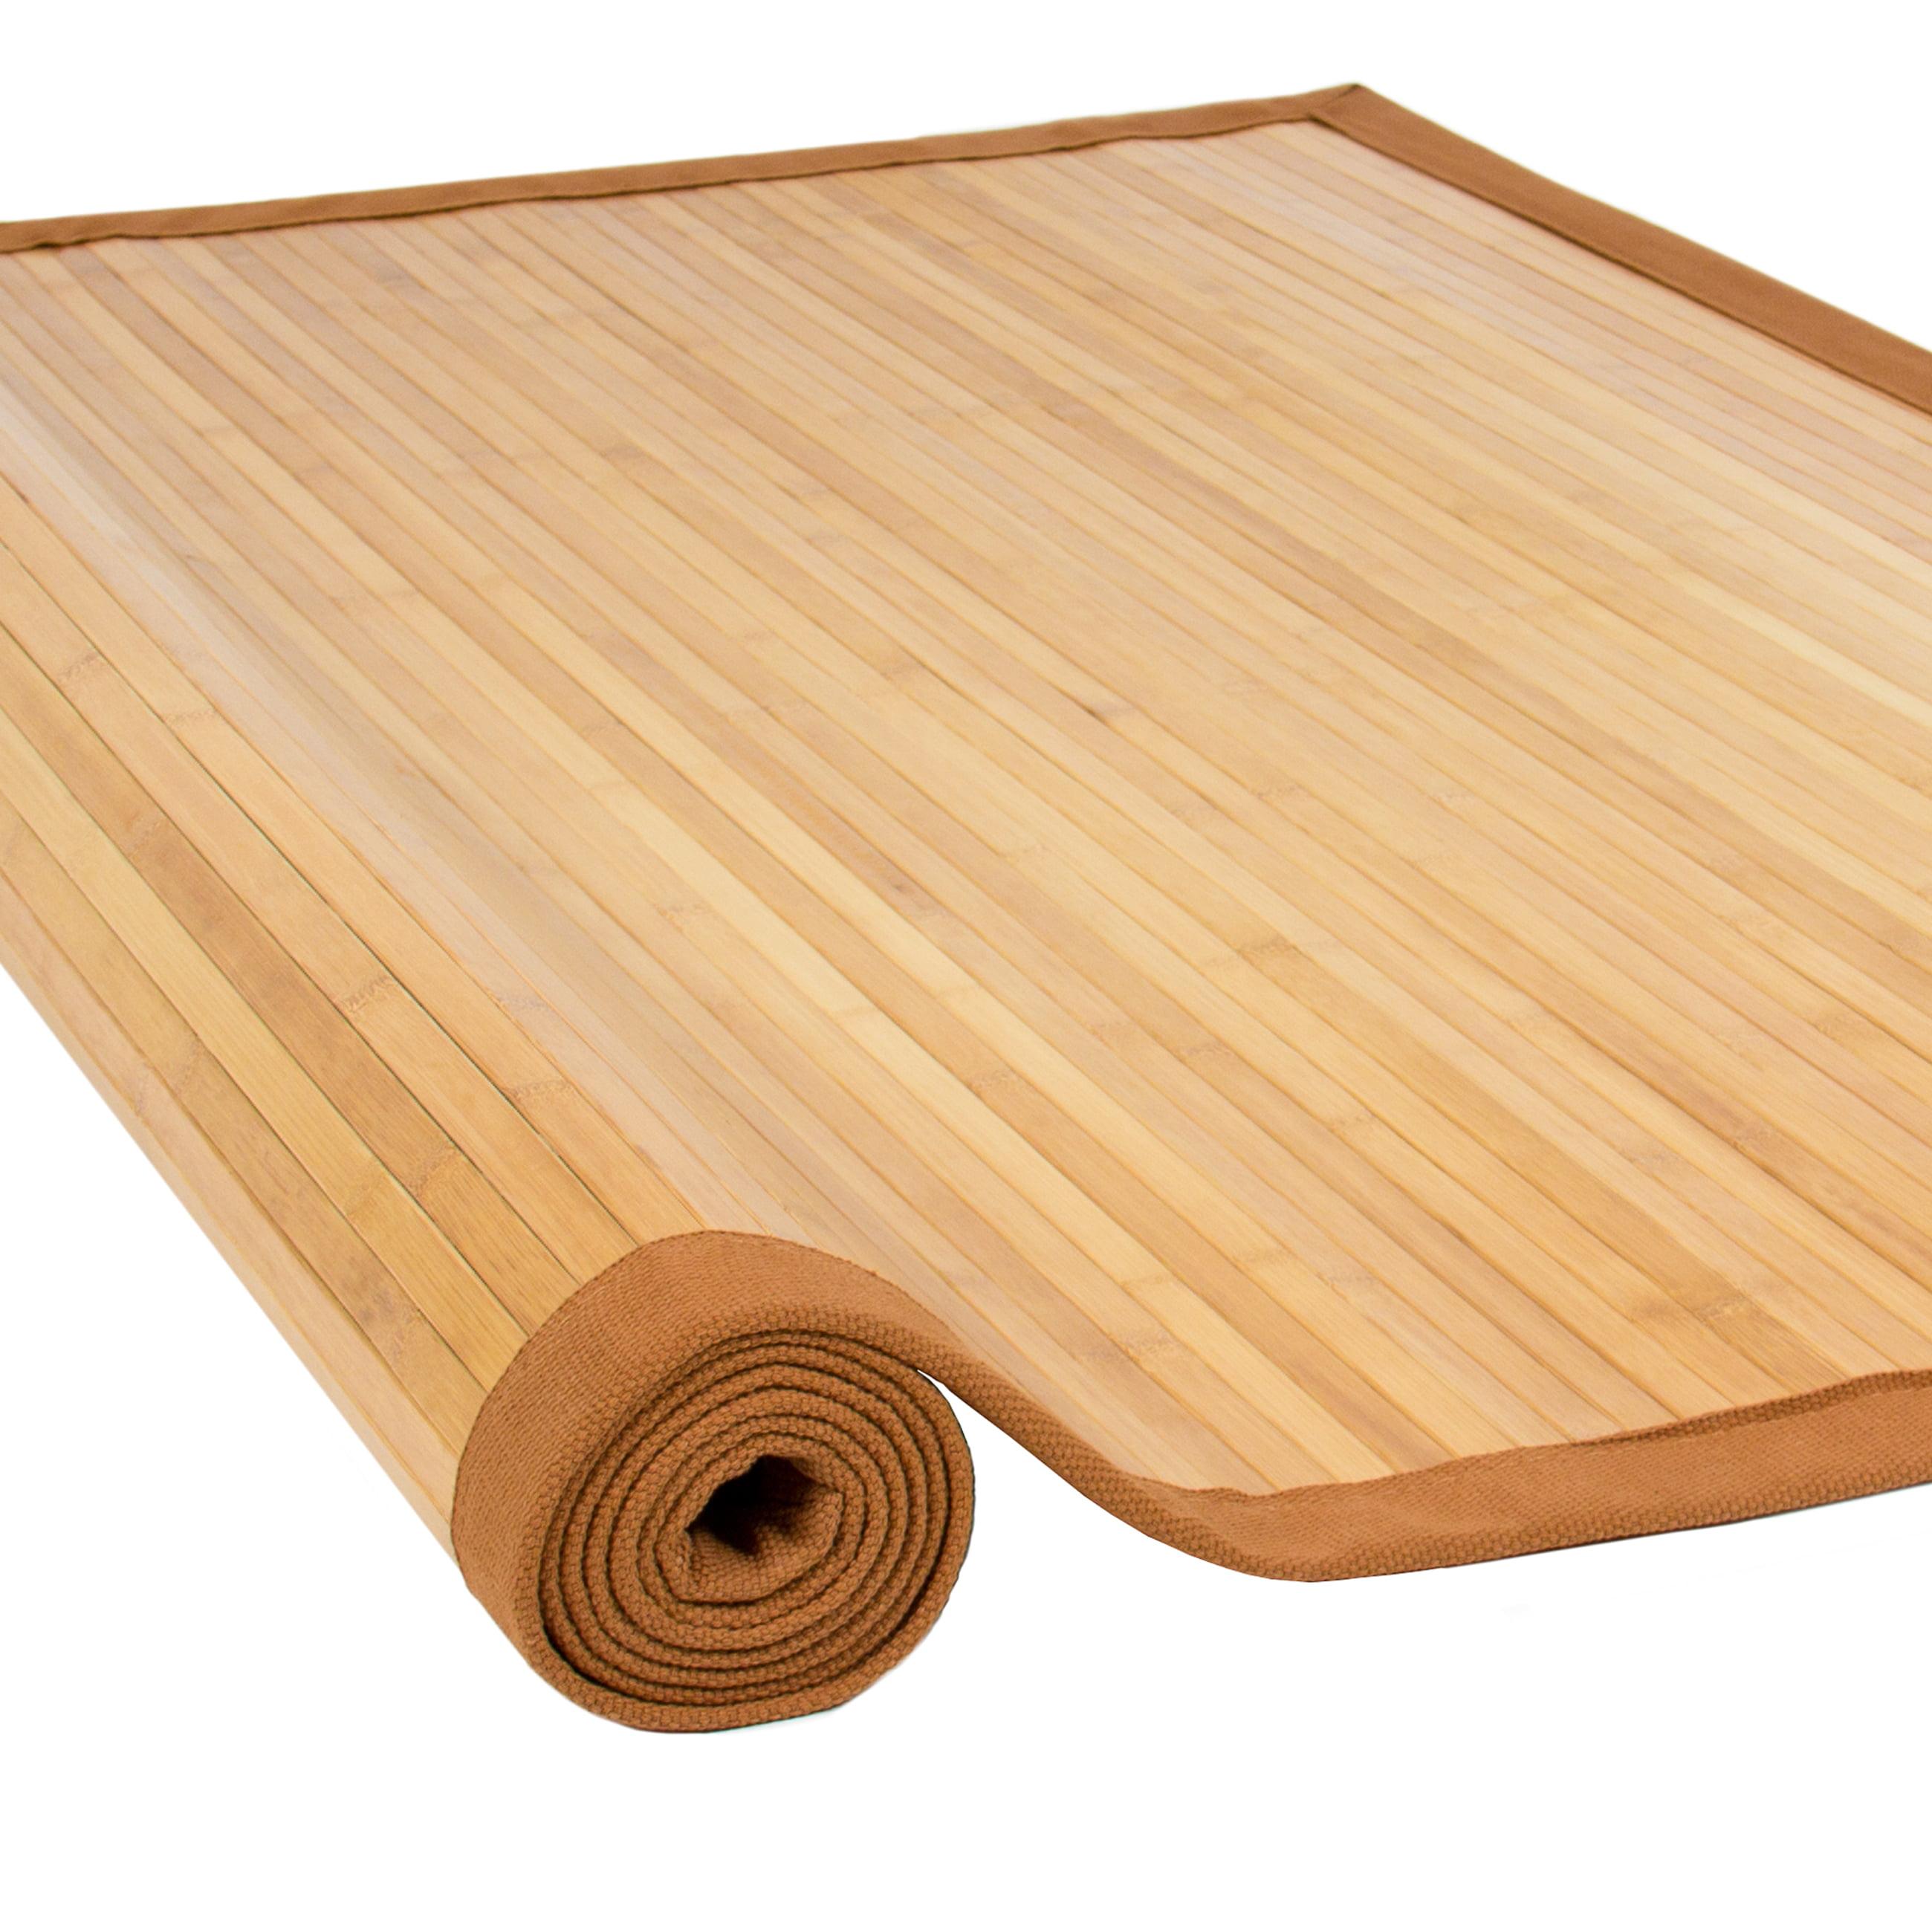 Bamboo Runner Rug Uk Carpet Vidalondon